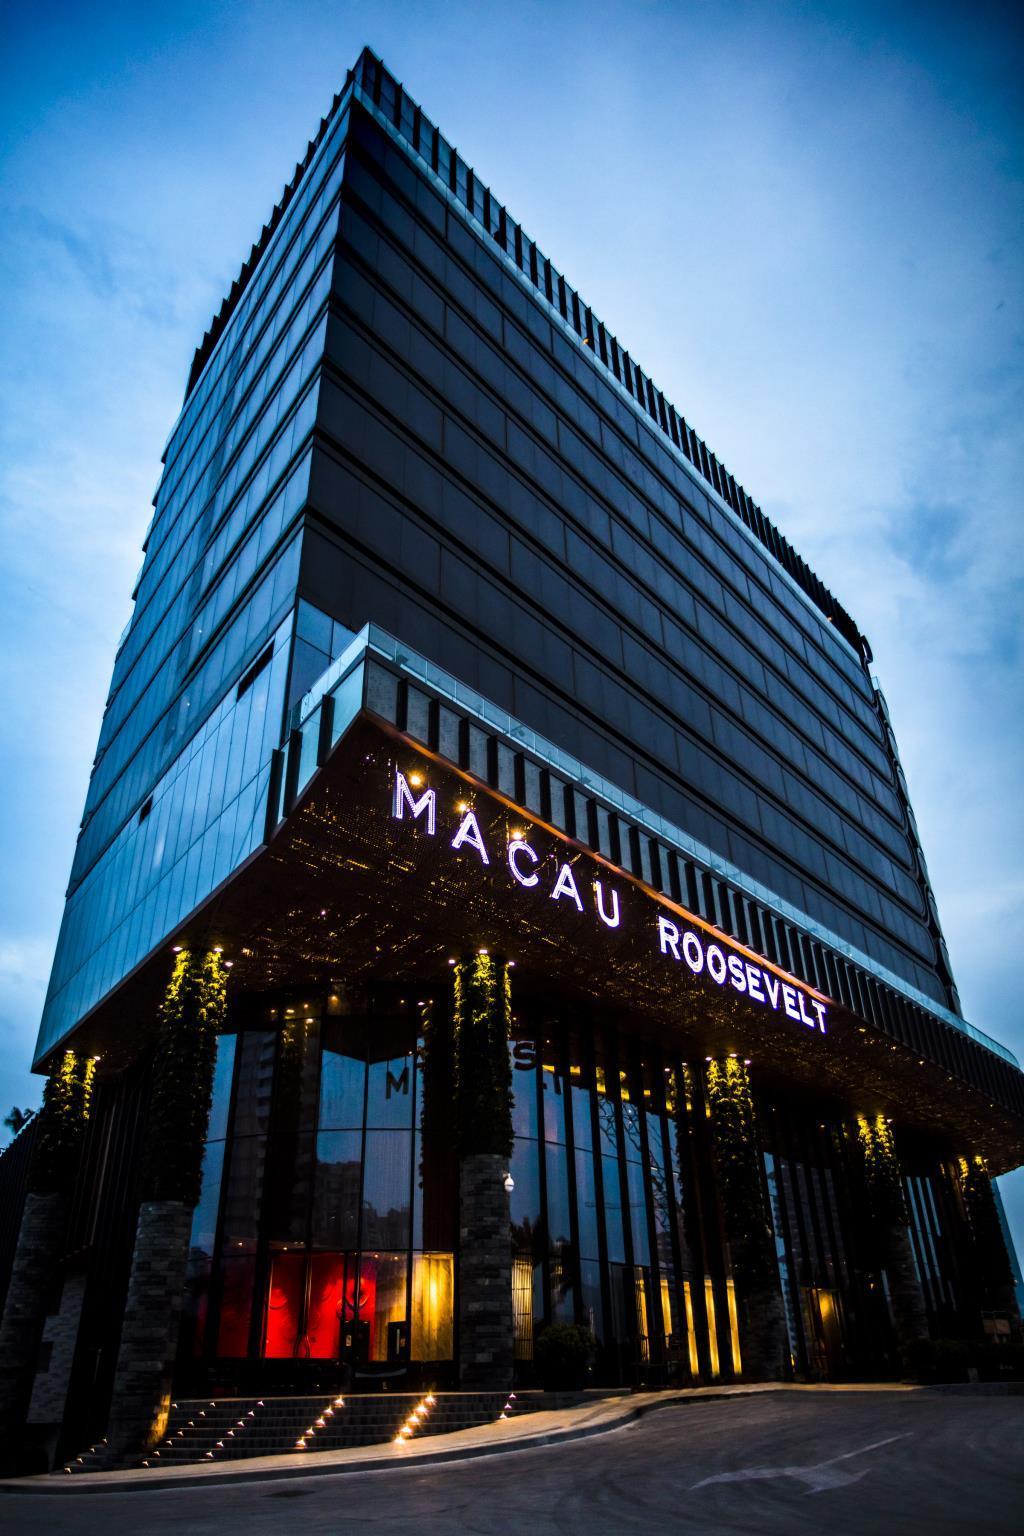 The Macau Roosevelt,Nossa Senhora do Carmo